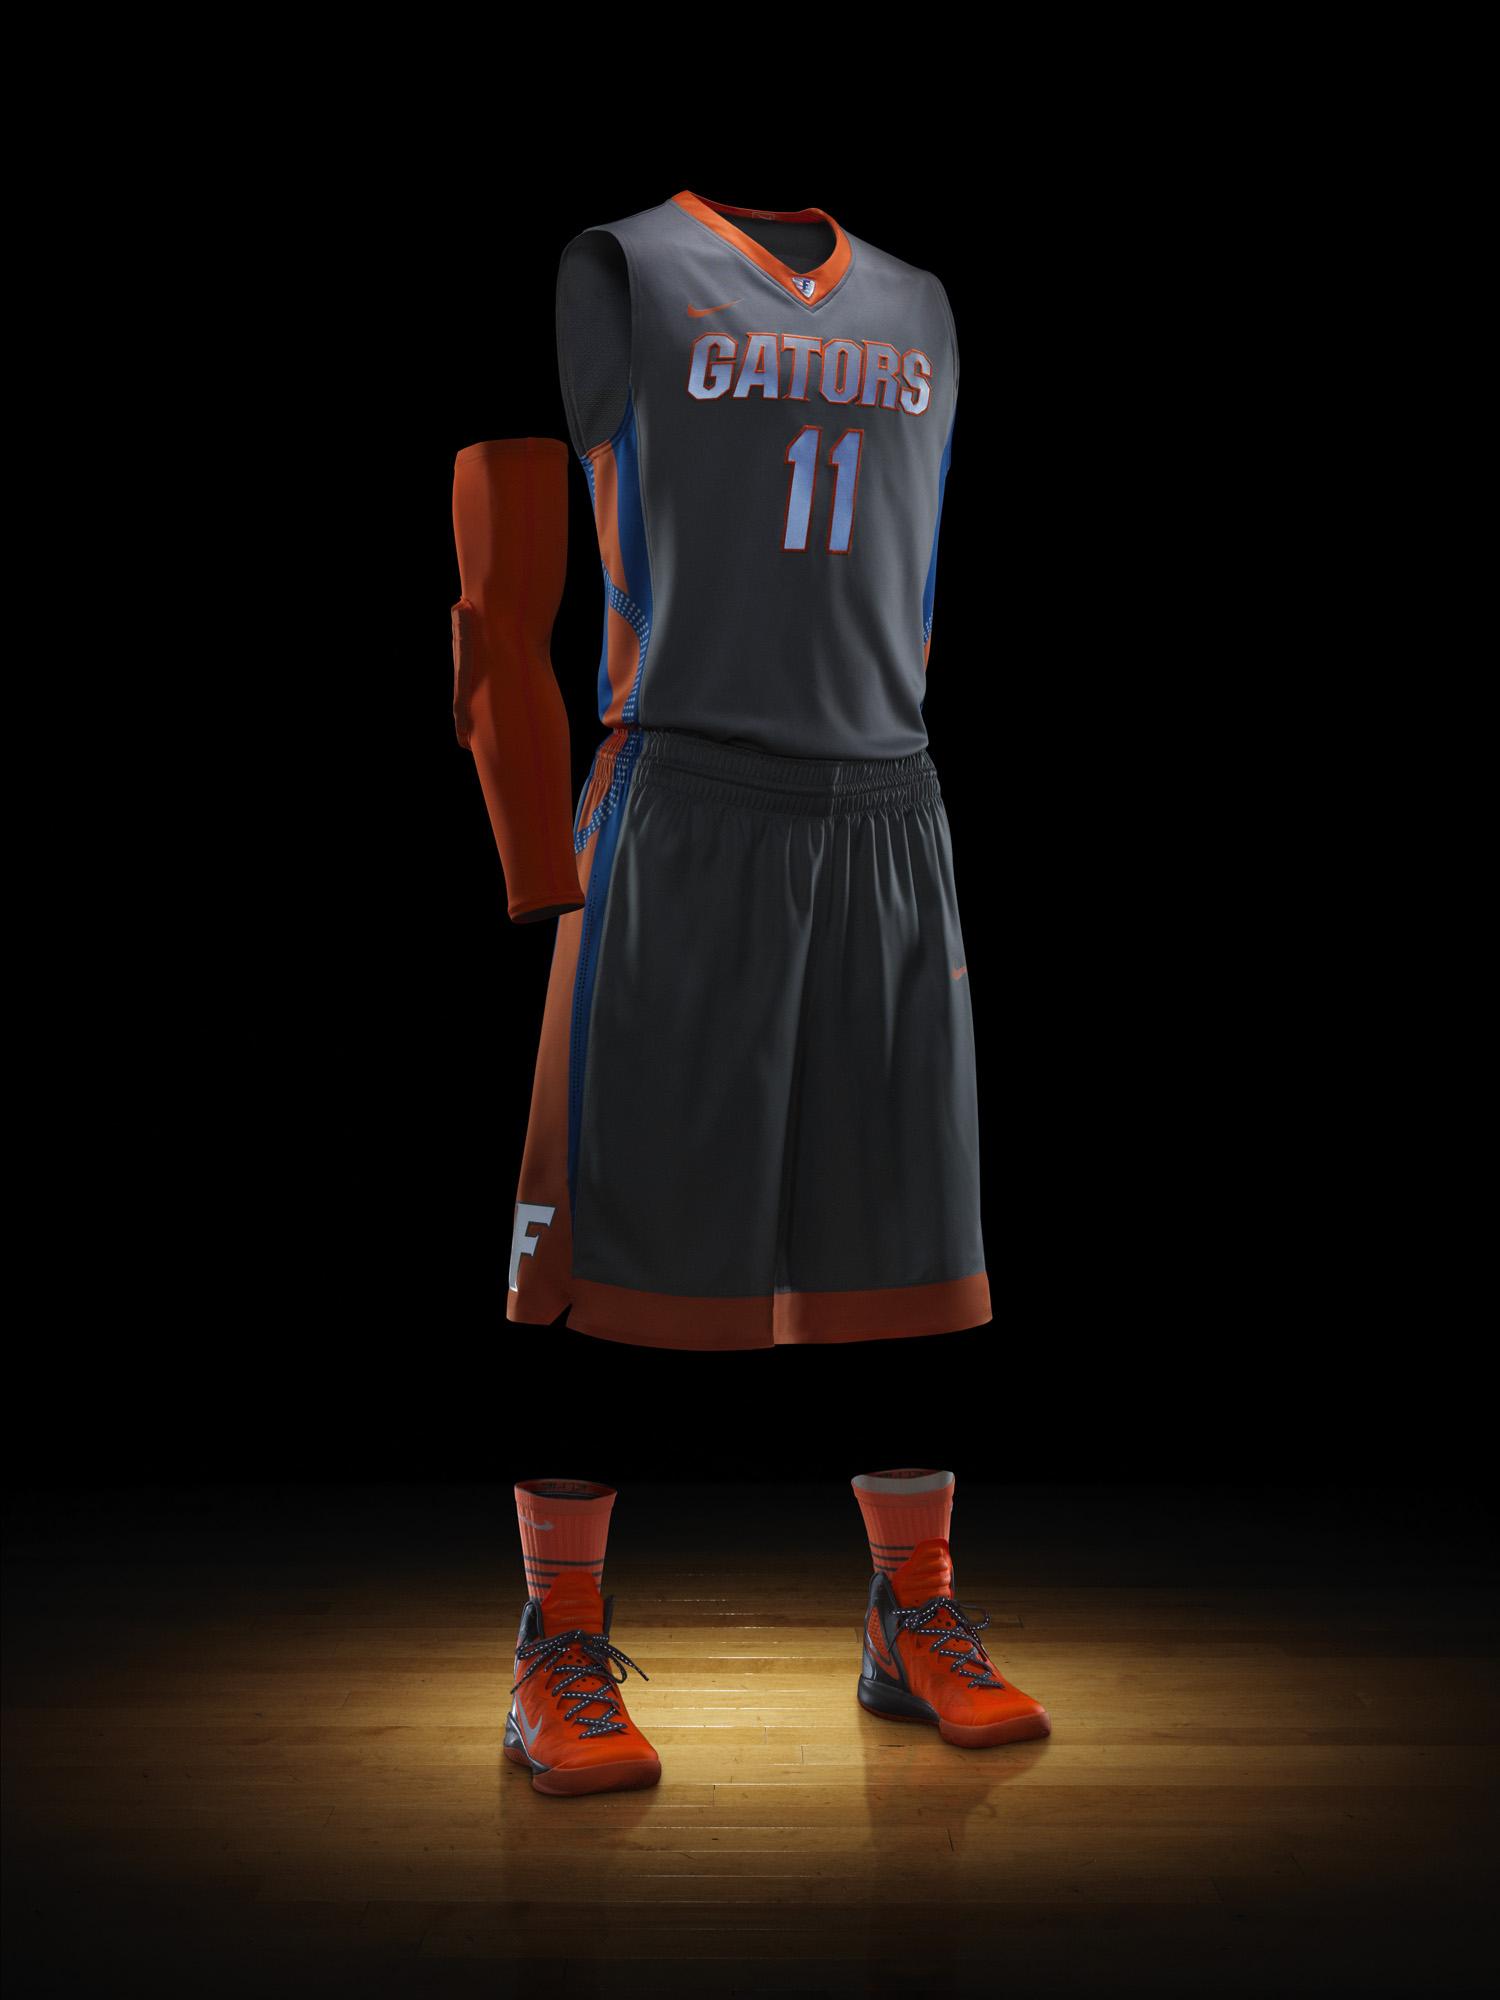 e99a7ae17eec Florida to wear Nike Hyper Elite Platinum uniforms